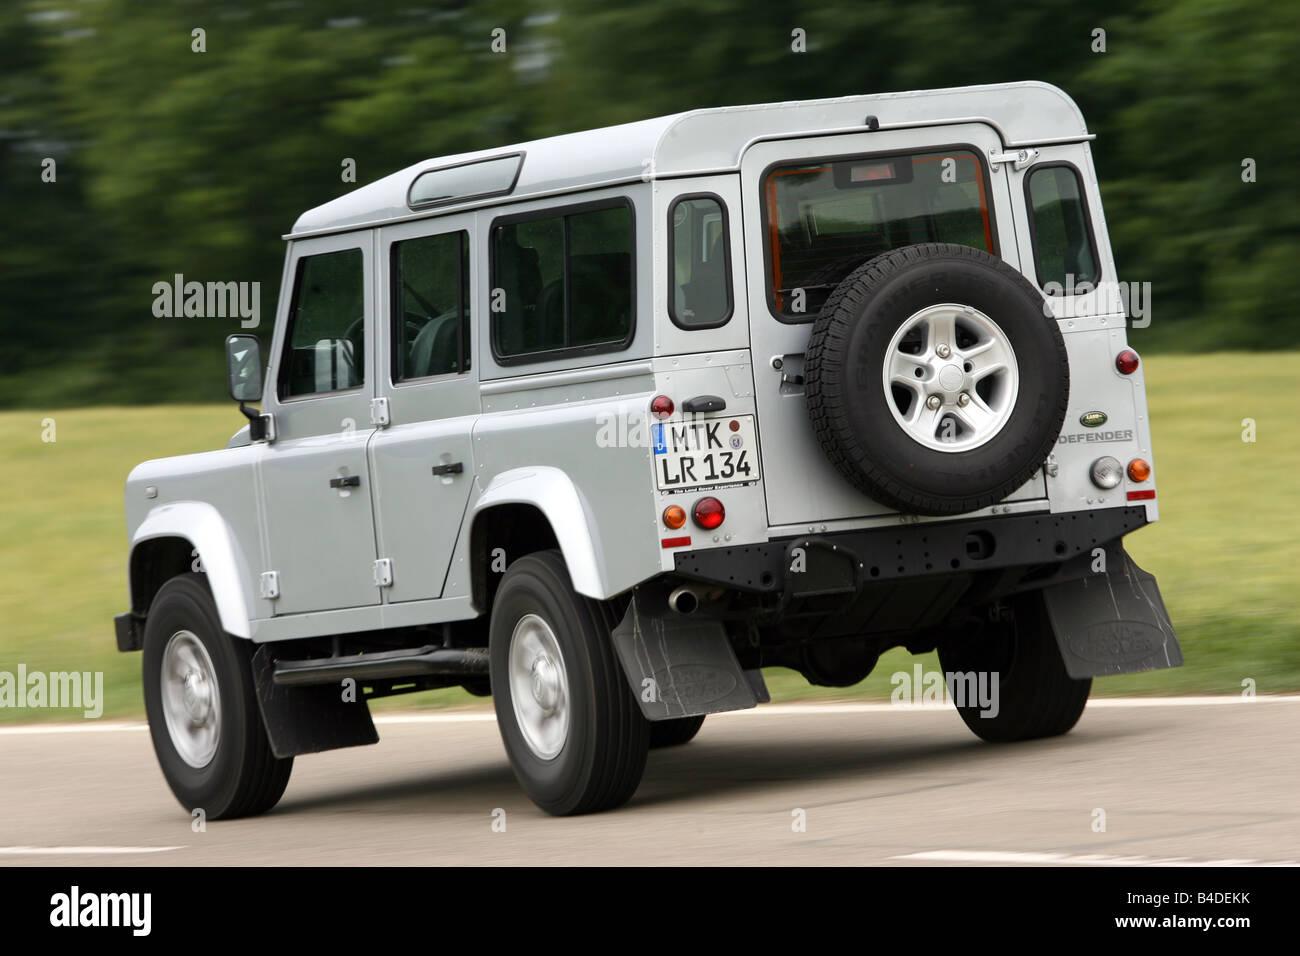 land rover defender 110 td4 station se model year 2007 silver stock photo 19965895 alamy. Black Bedroom Furniture Sets. Home Design Ideas